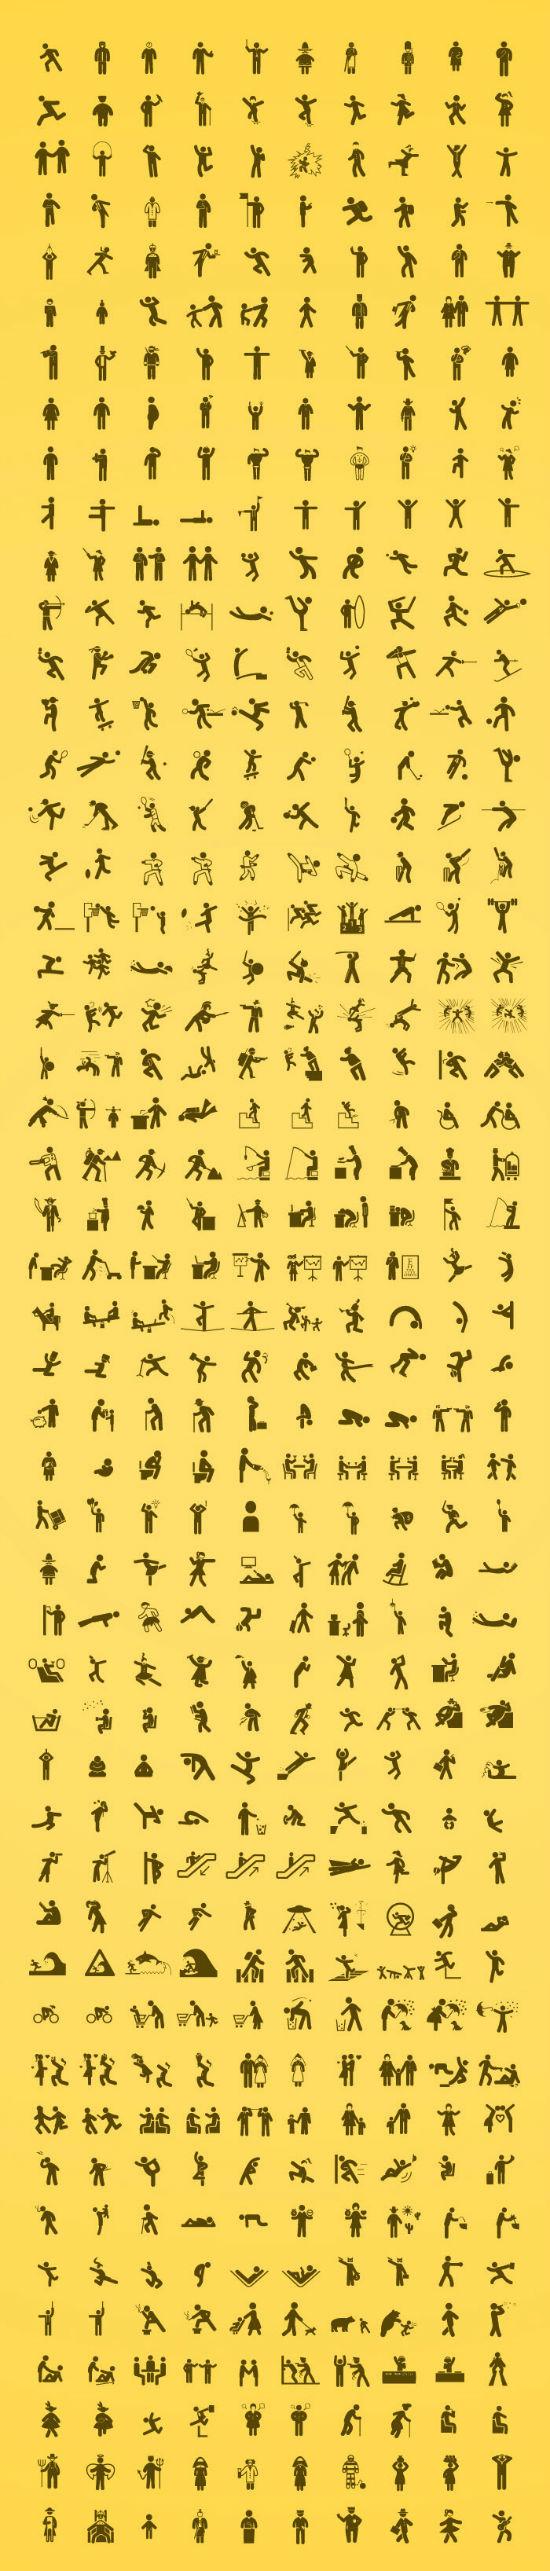 pictogramas de personas